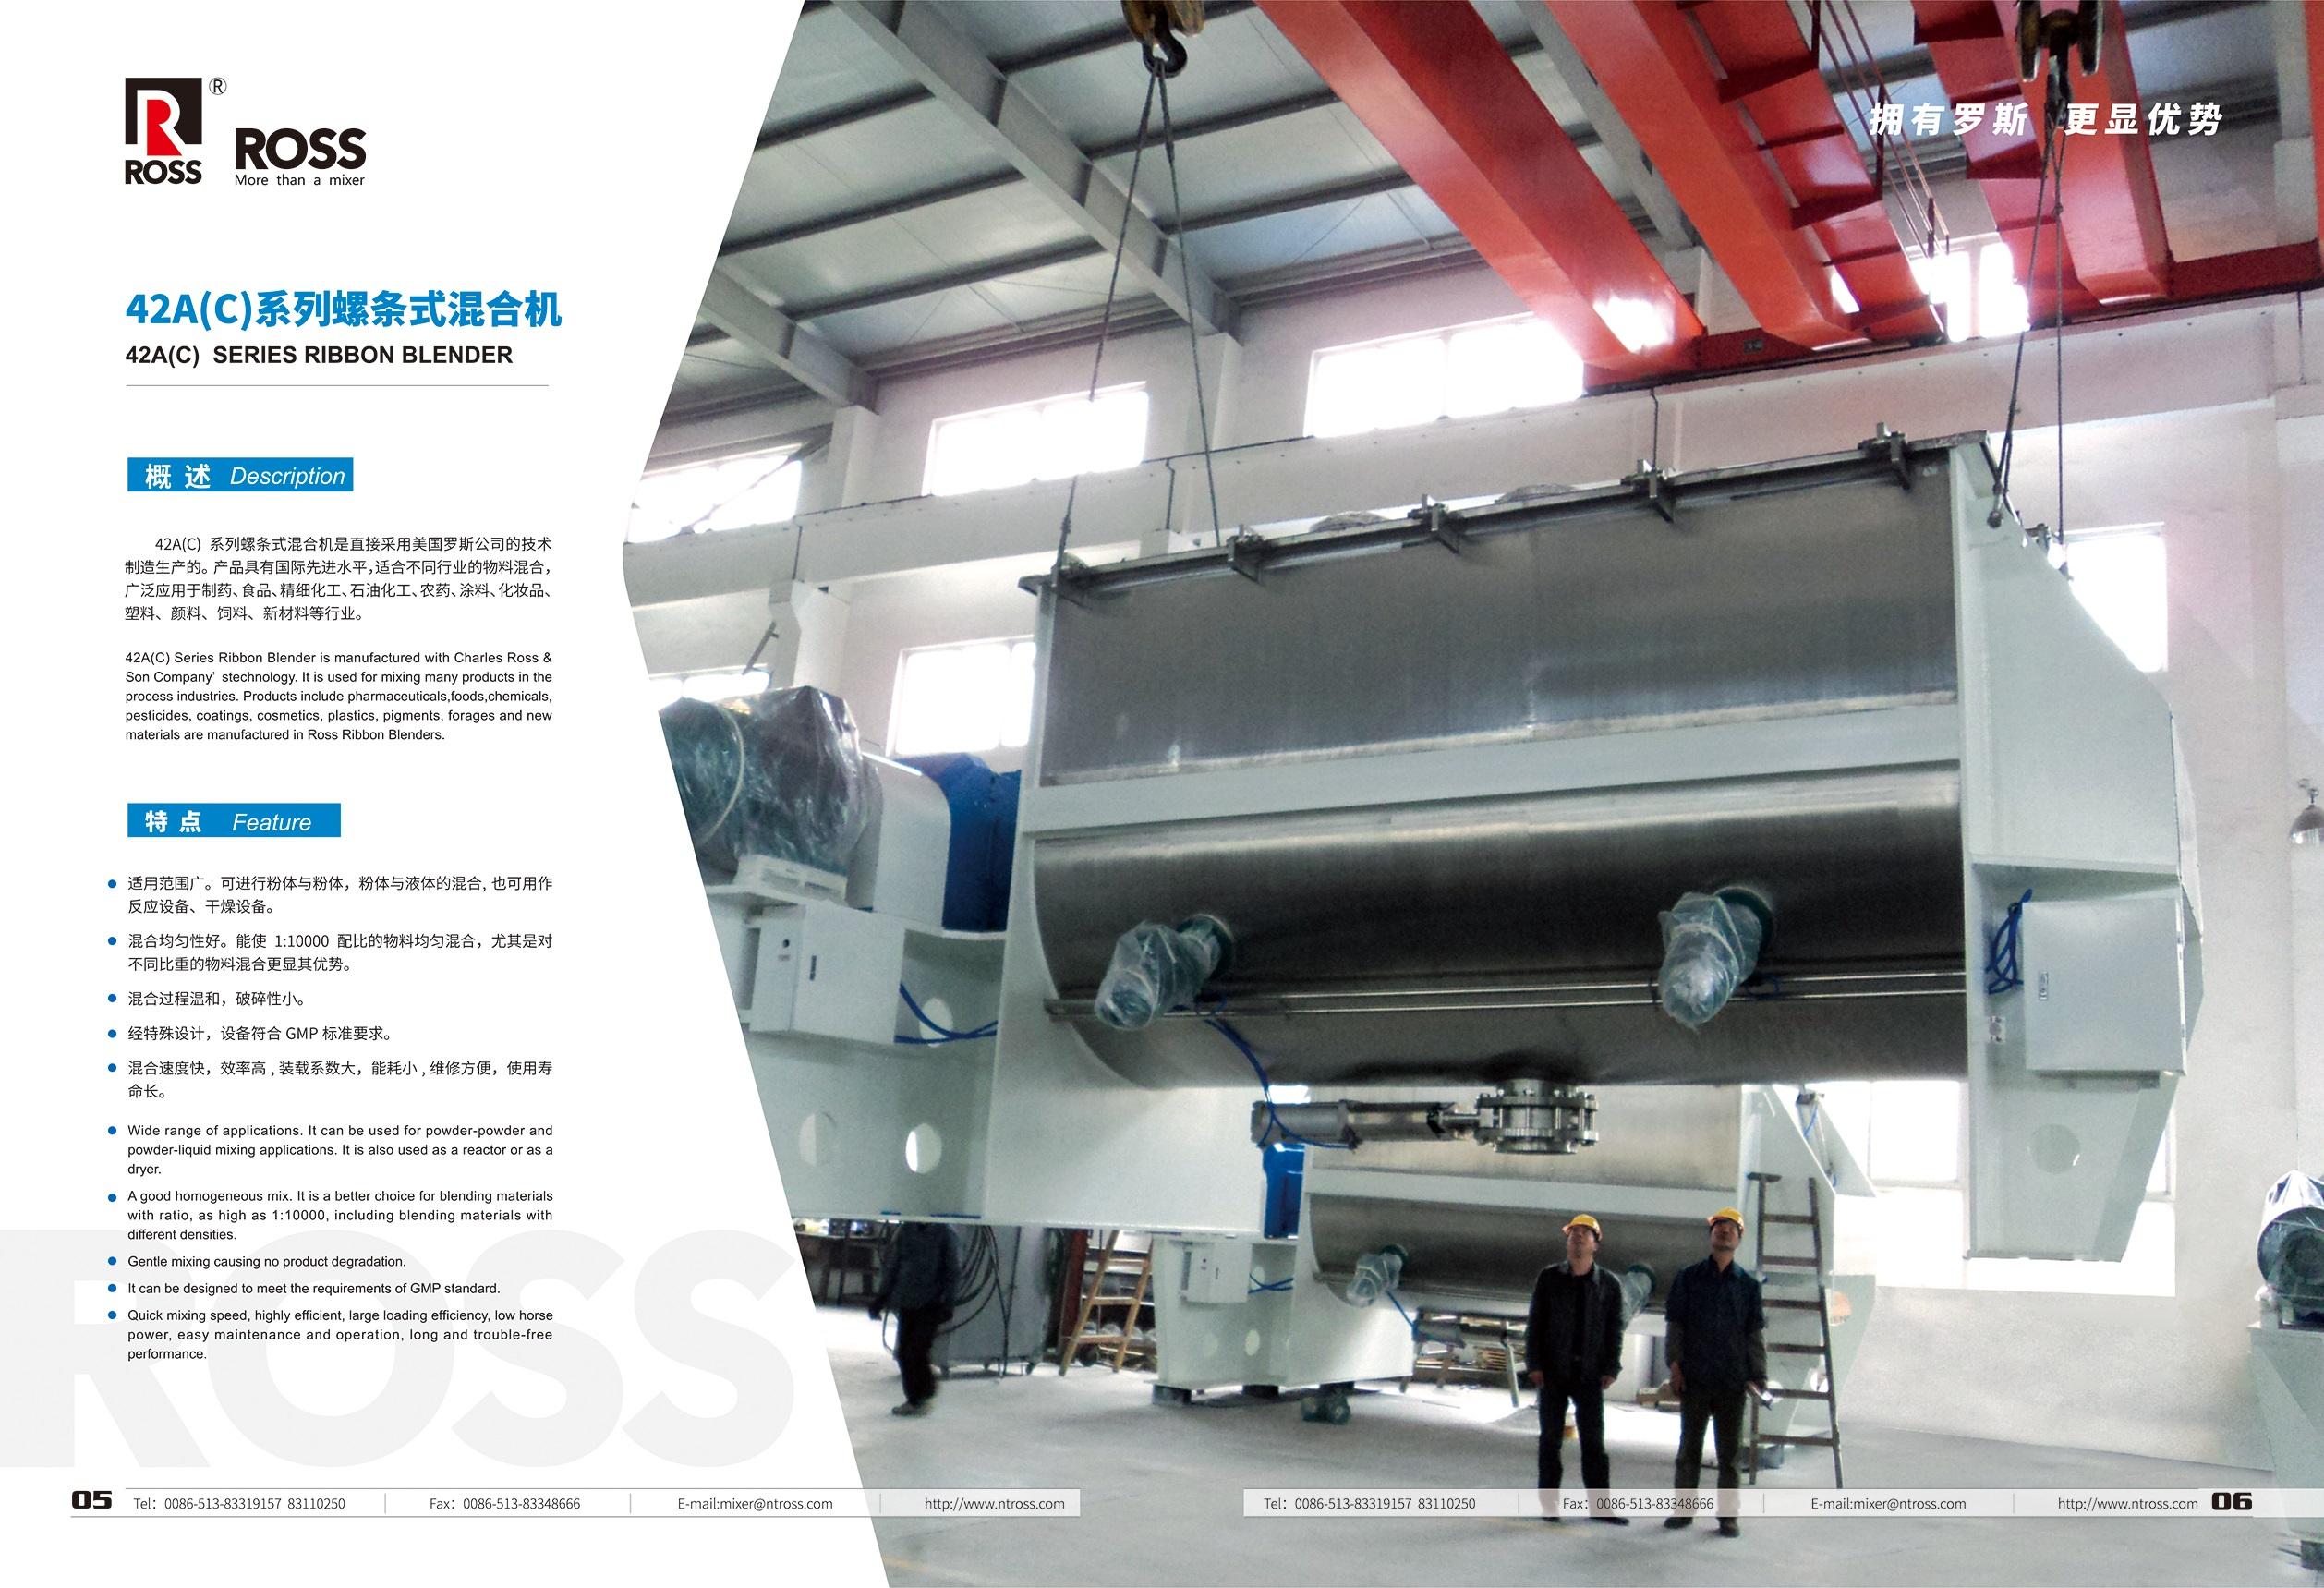 螺条式混合机   南通罗斯混合设备      螺条式混合机厂家直销